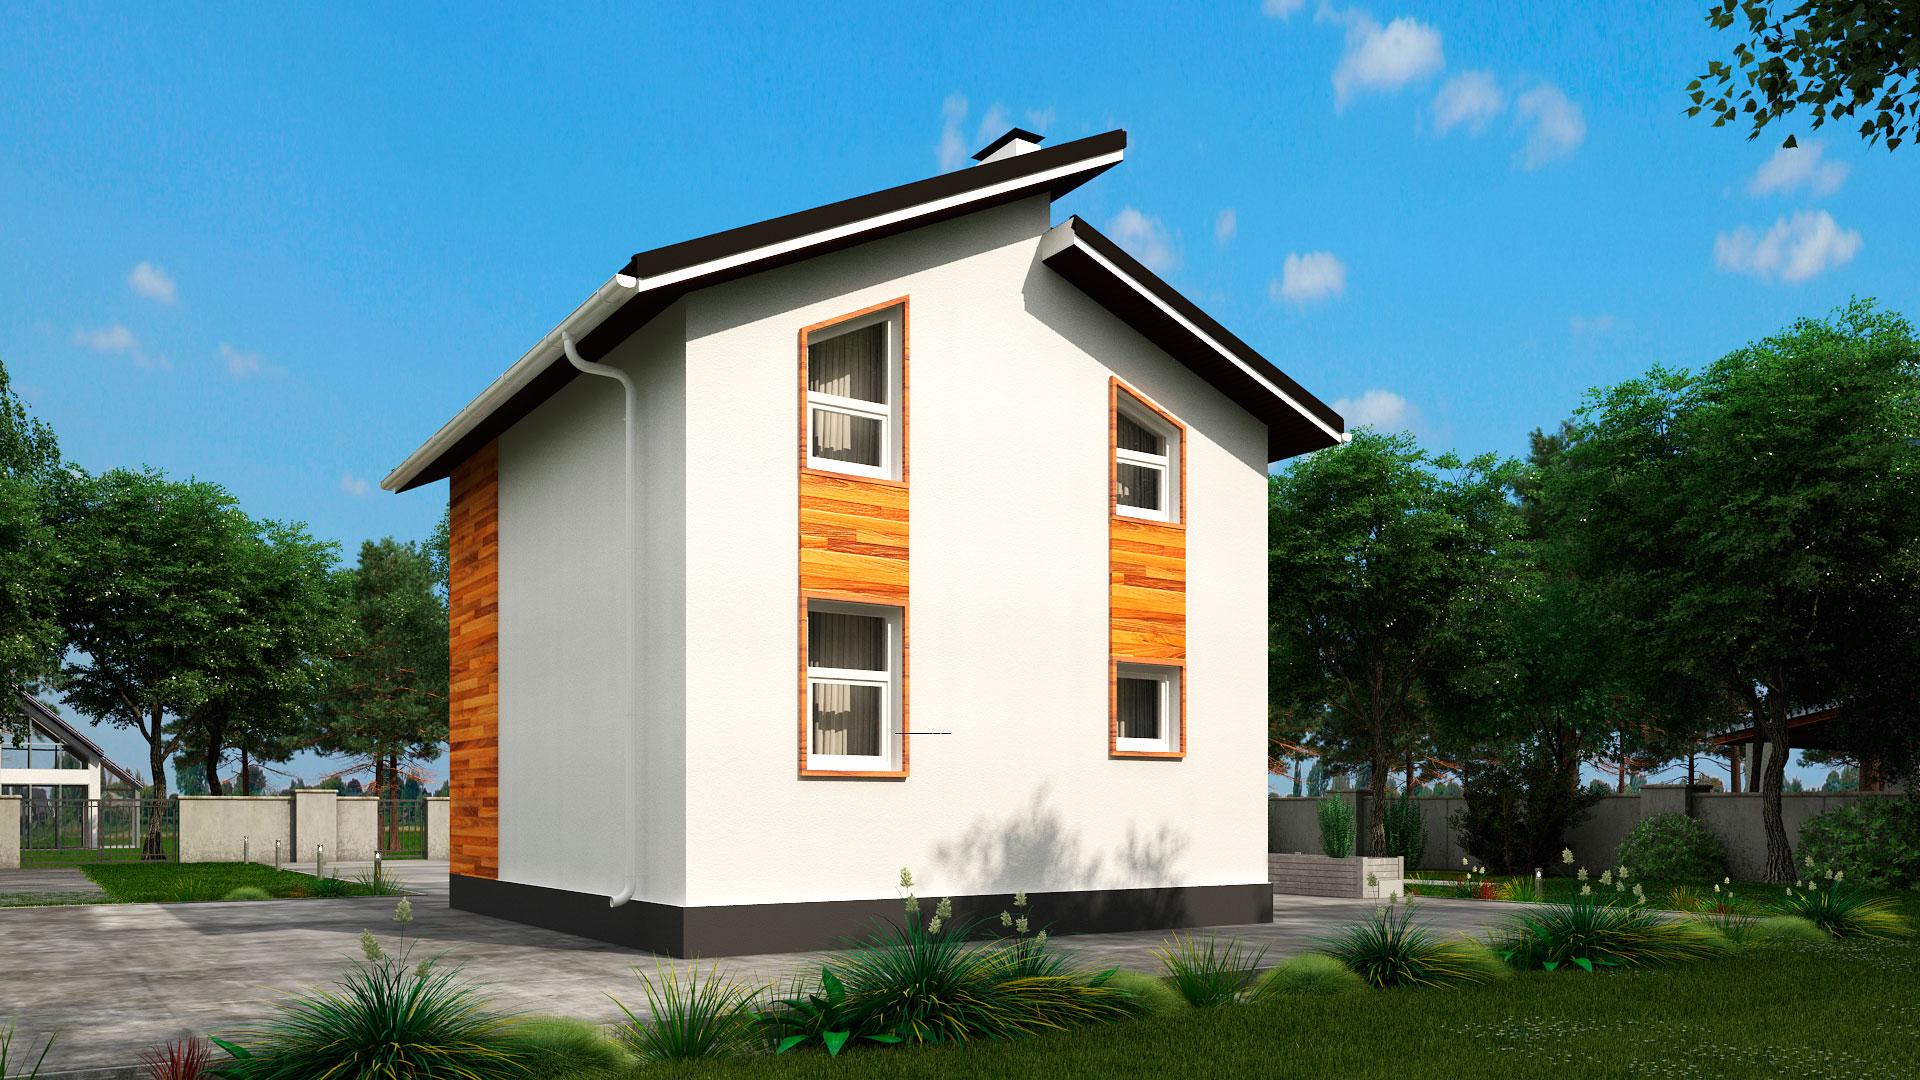 Задний фасад двухэтажного дома 6 на 7 двухэтажного, проект БЭНПАН МС-95/1.